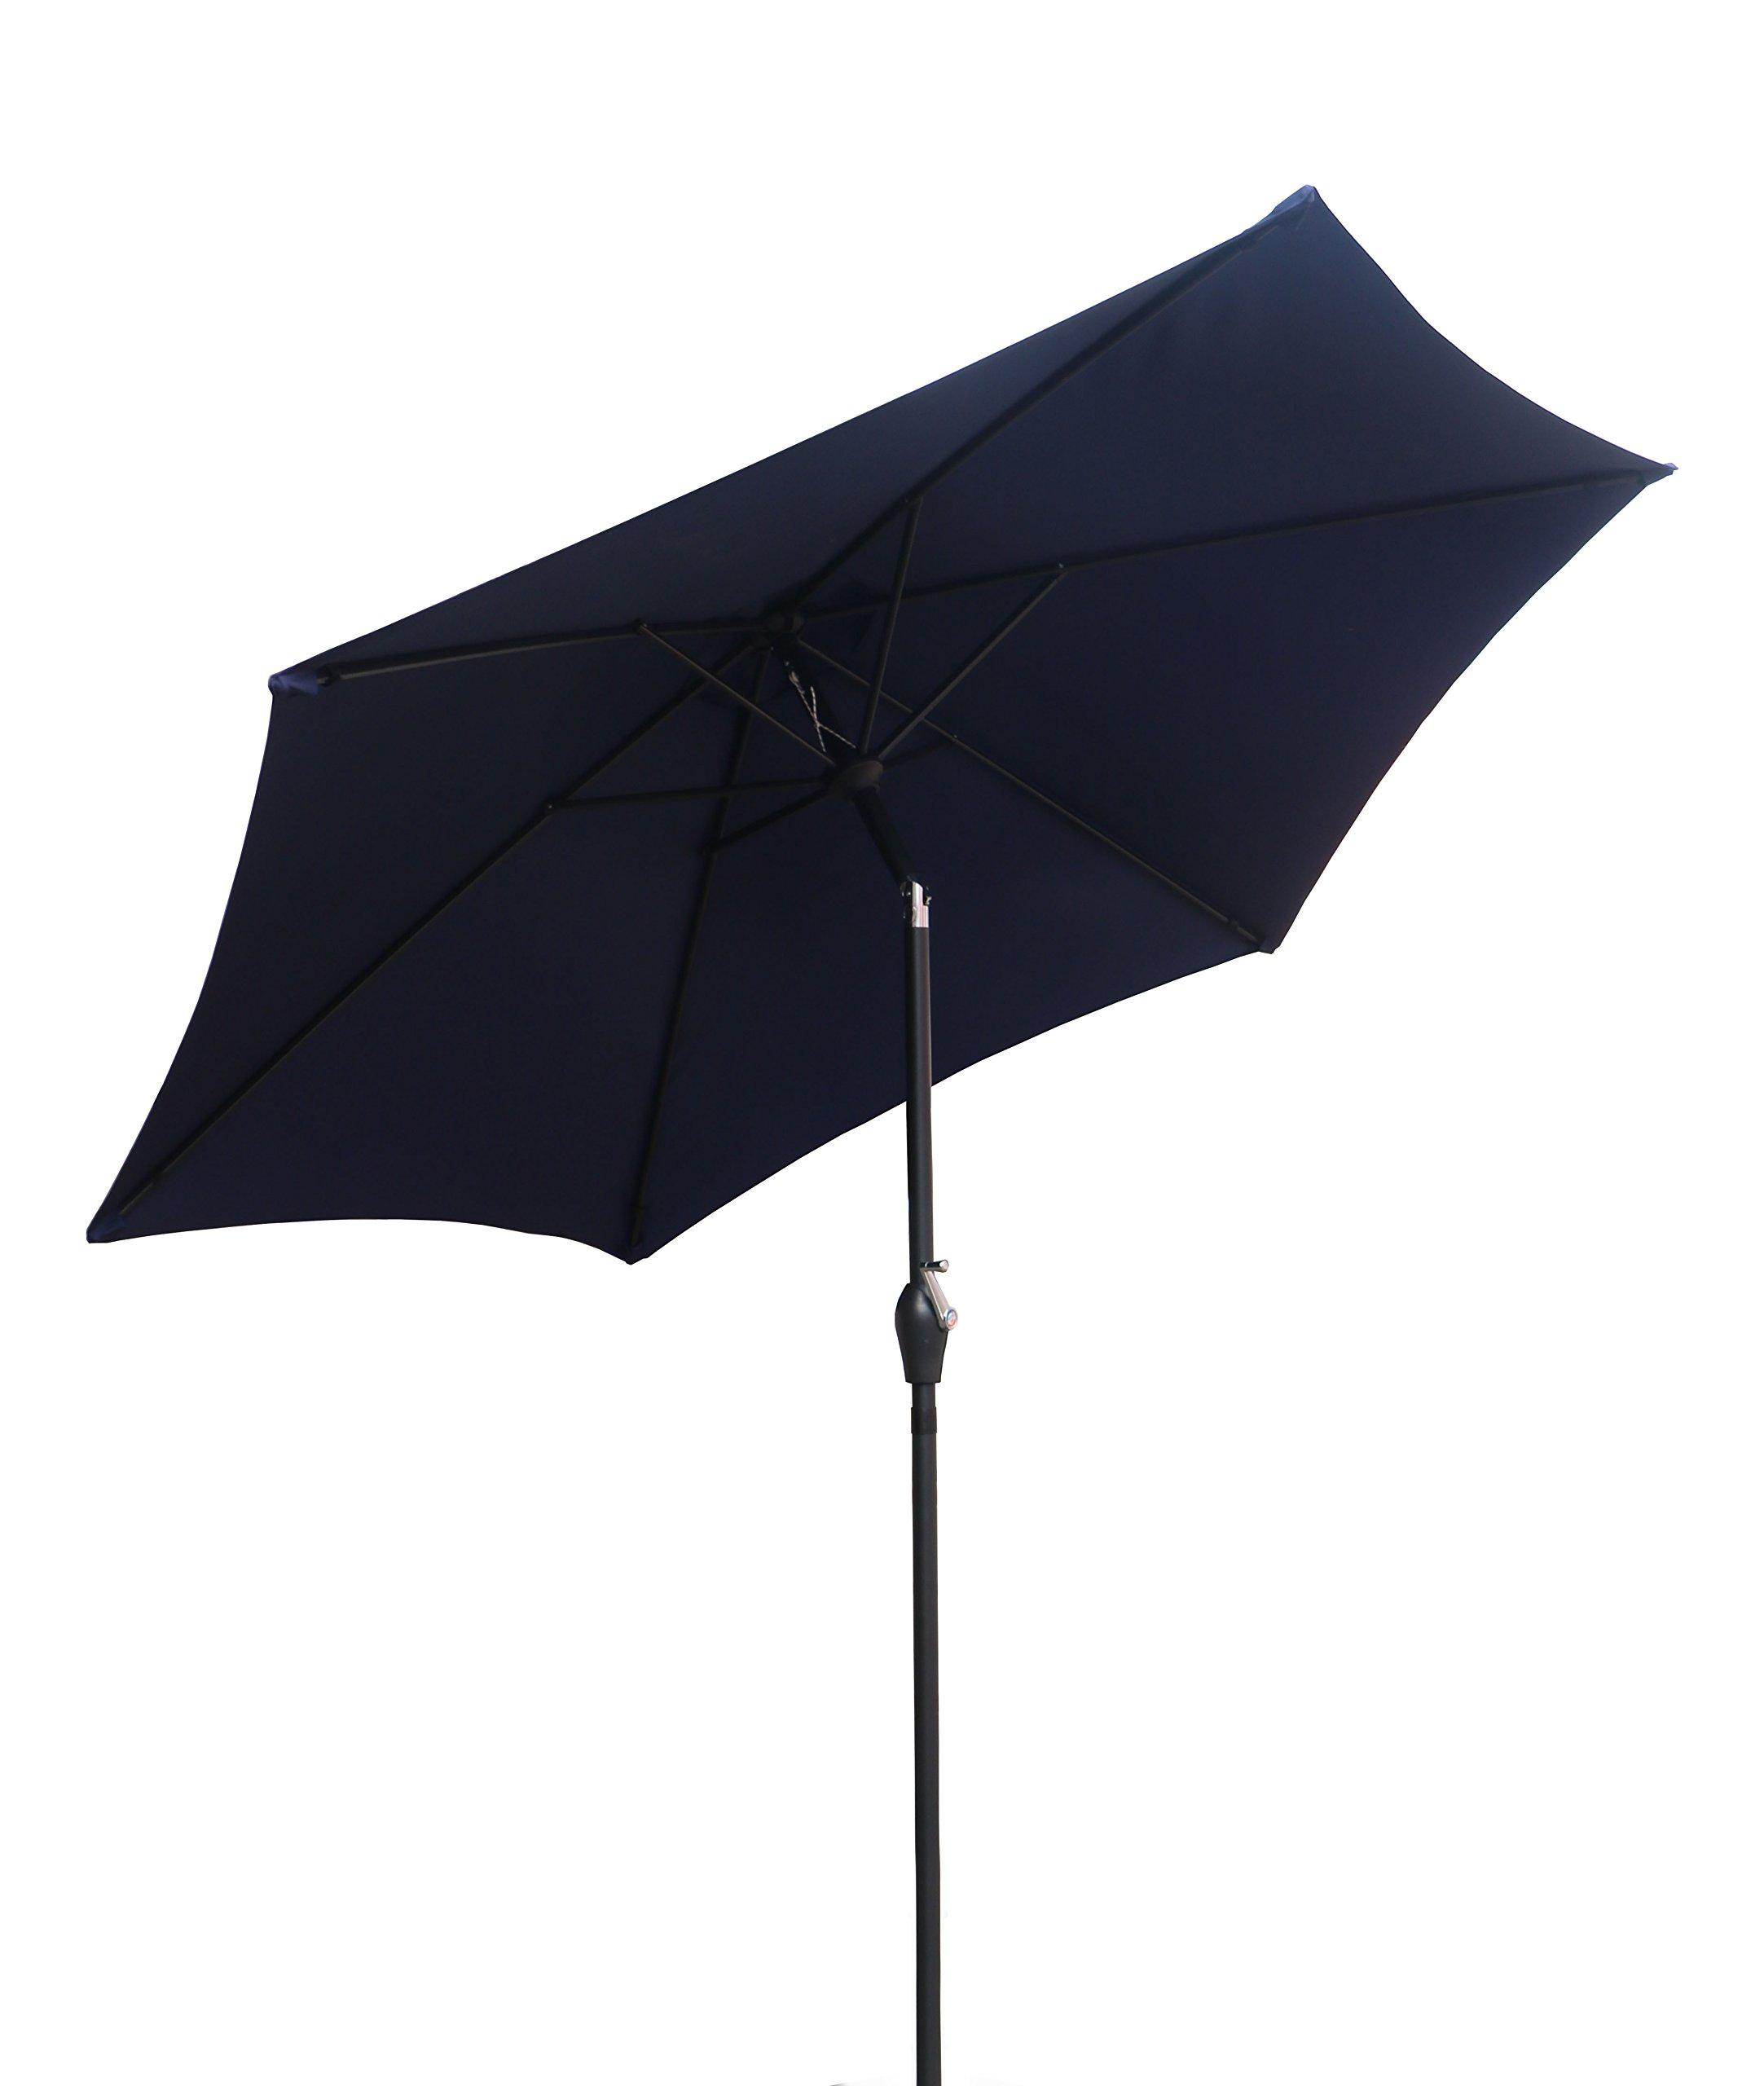 CORAL CASTLE 9' Patio Umbrella (Navy) by CORAL CASTLE (Image #1)